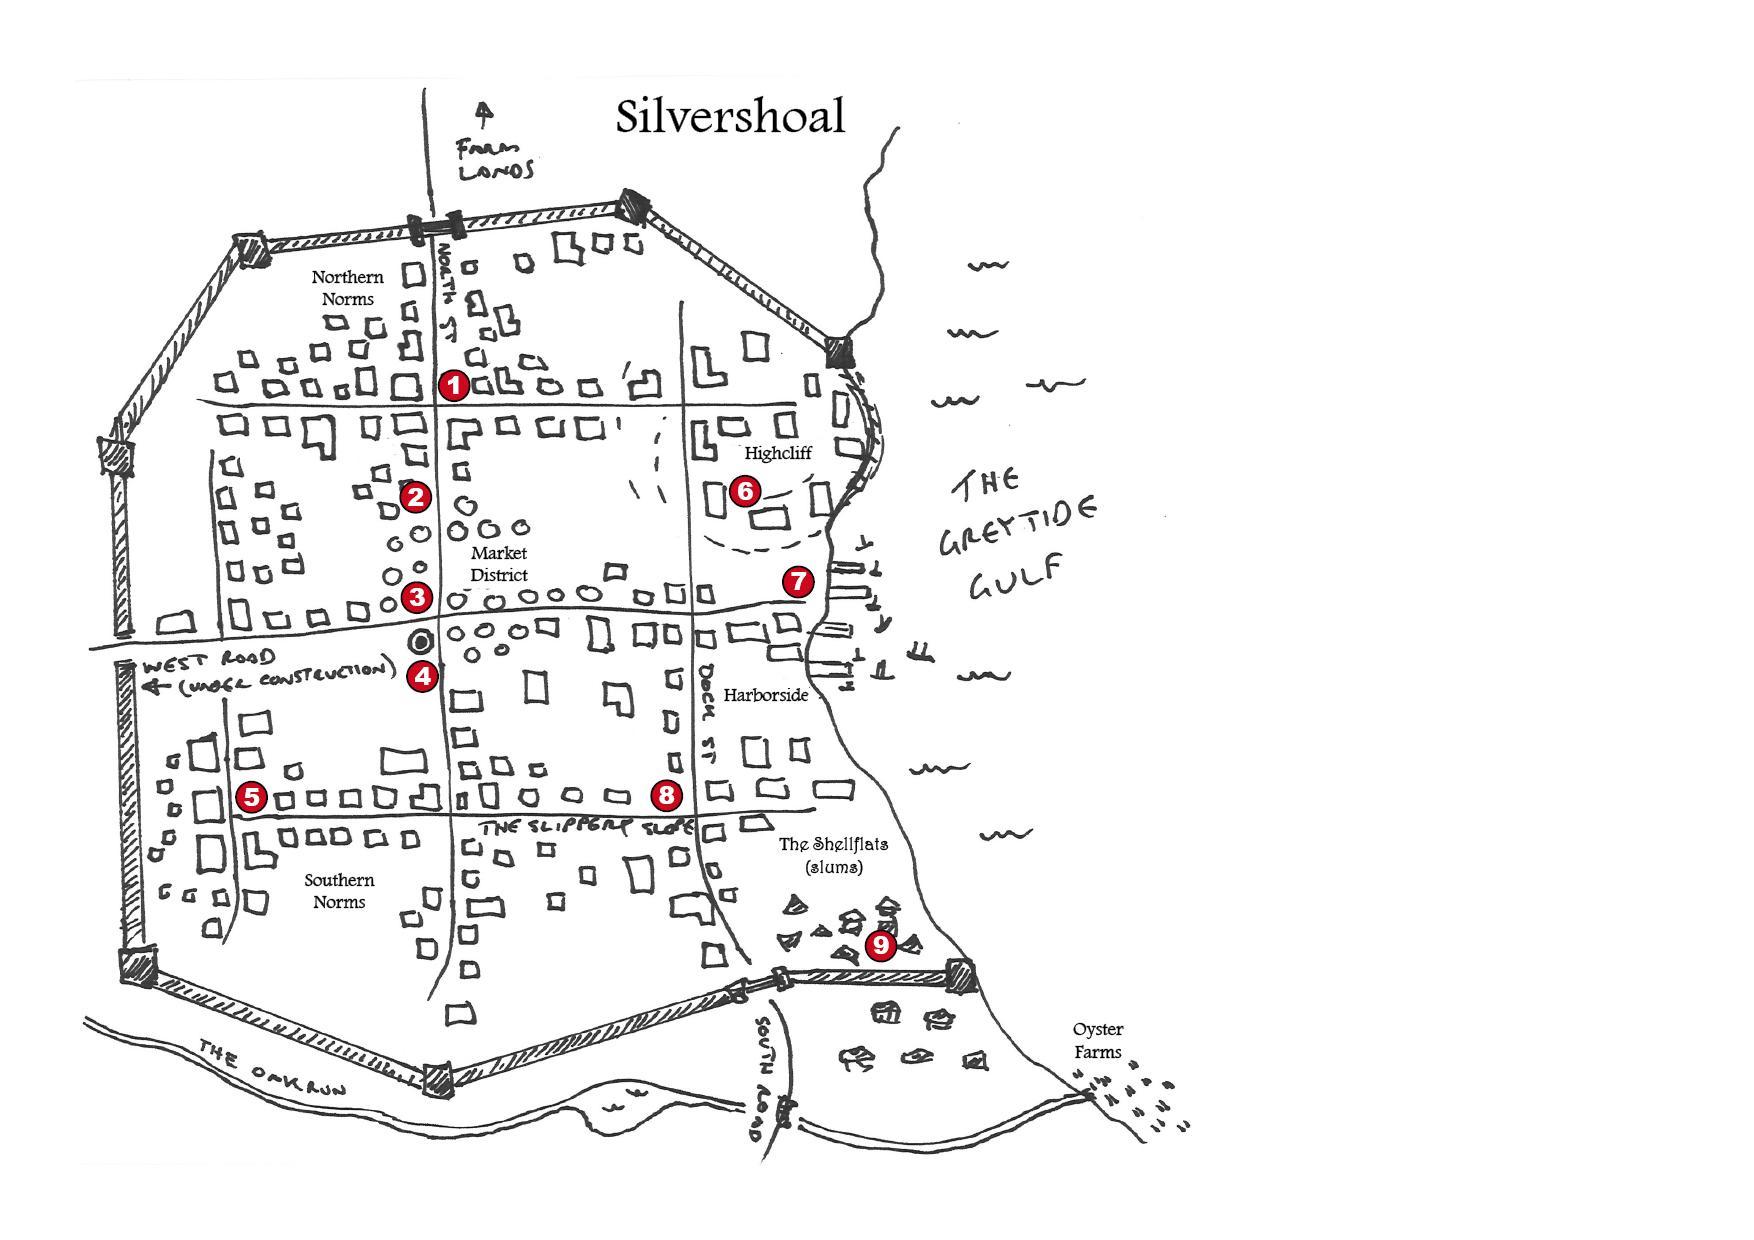 Silvershoal